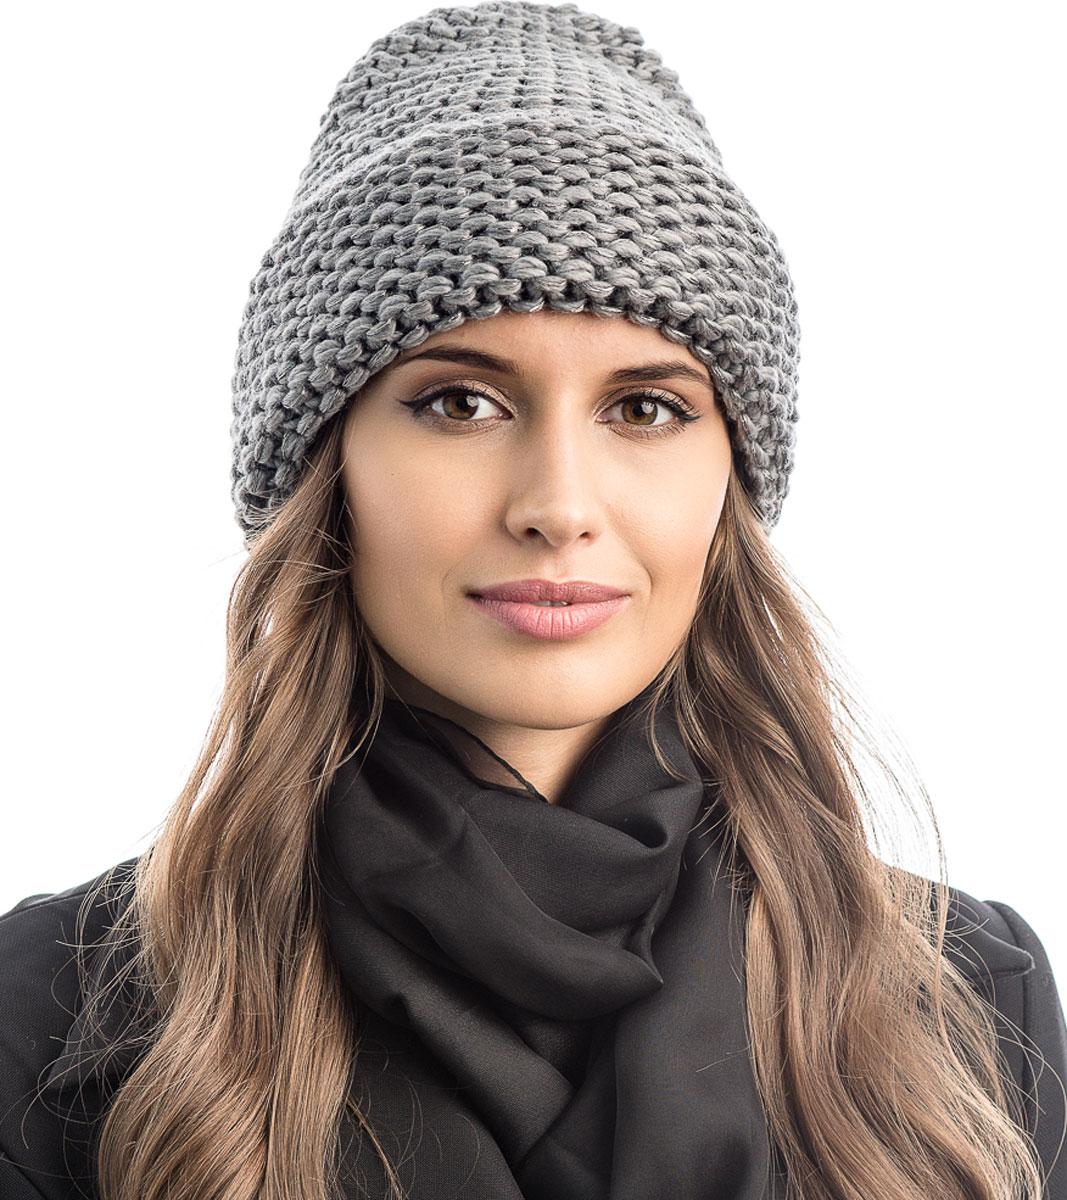 Шапка вязаная женская Stilla, цвет: серый. SH-1769/06. Размер 52/58SH-1769/06Элегантная вязаная женская шапка Stilla, изготовленная из пряжи с содержанием шерсти и акрила исключительно мягкая, комфортная и теплая. Актуальная крупная вязка, делает эту модель эффектной и не забываемой. Практичная форма шапки делает ее очень комфортной. Шапка без подкладки, а благодаря плотной толстой вязке и широкому отвороту прекрасно защитит от холода.Шапка Stilla прекрасно дополнит ваш образ с шубой или пальто.